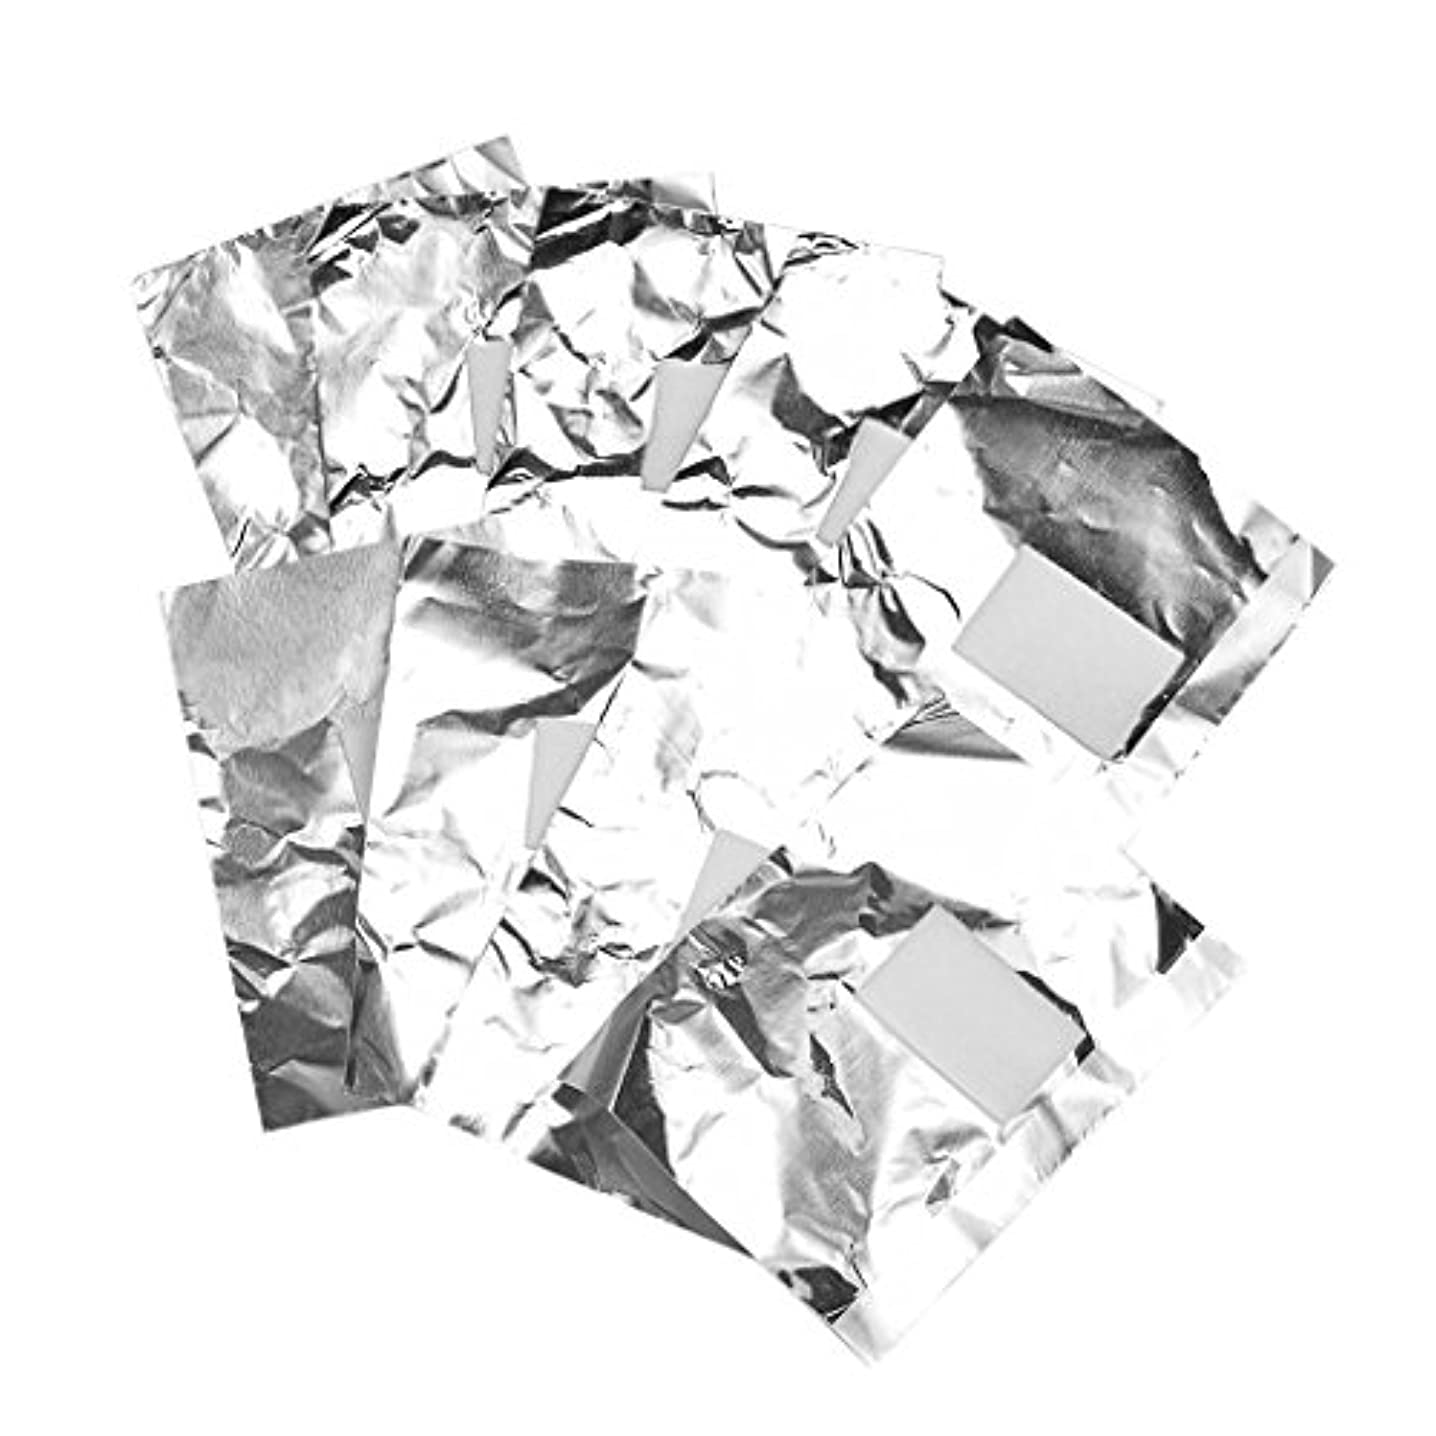 キャプション蒸発一約100枚 ジェル除却 ネイルアート 錫箔紙 のり除却可能 ネイルオイル クリーナーツール 爪装飾除き 包み紙